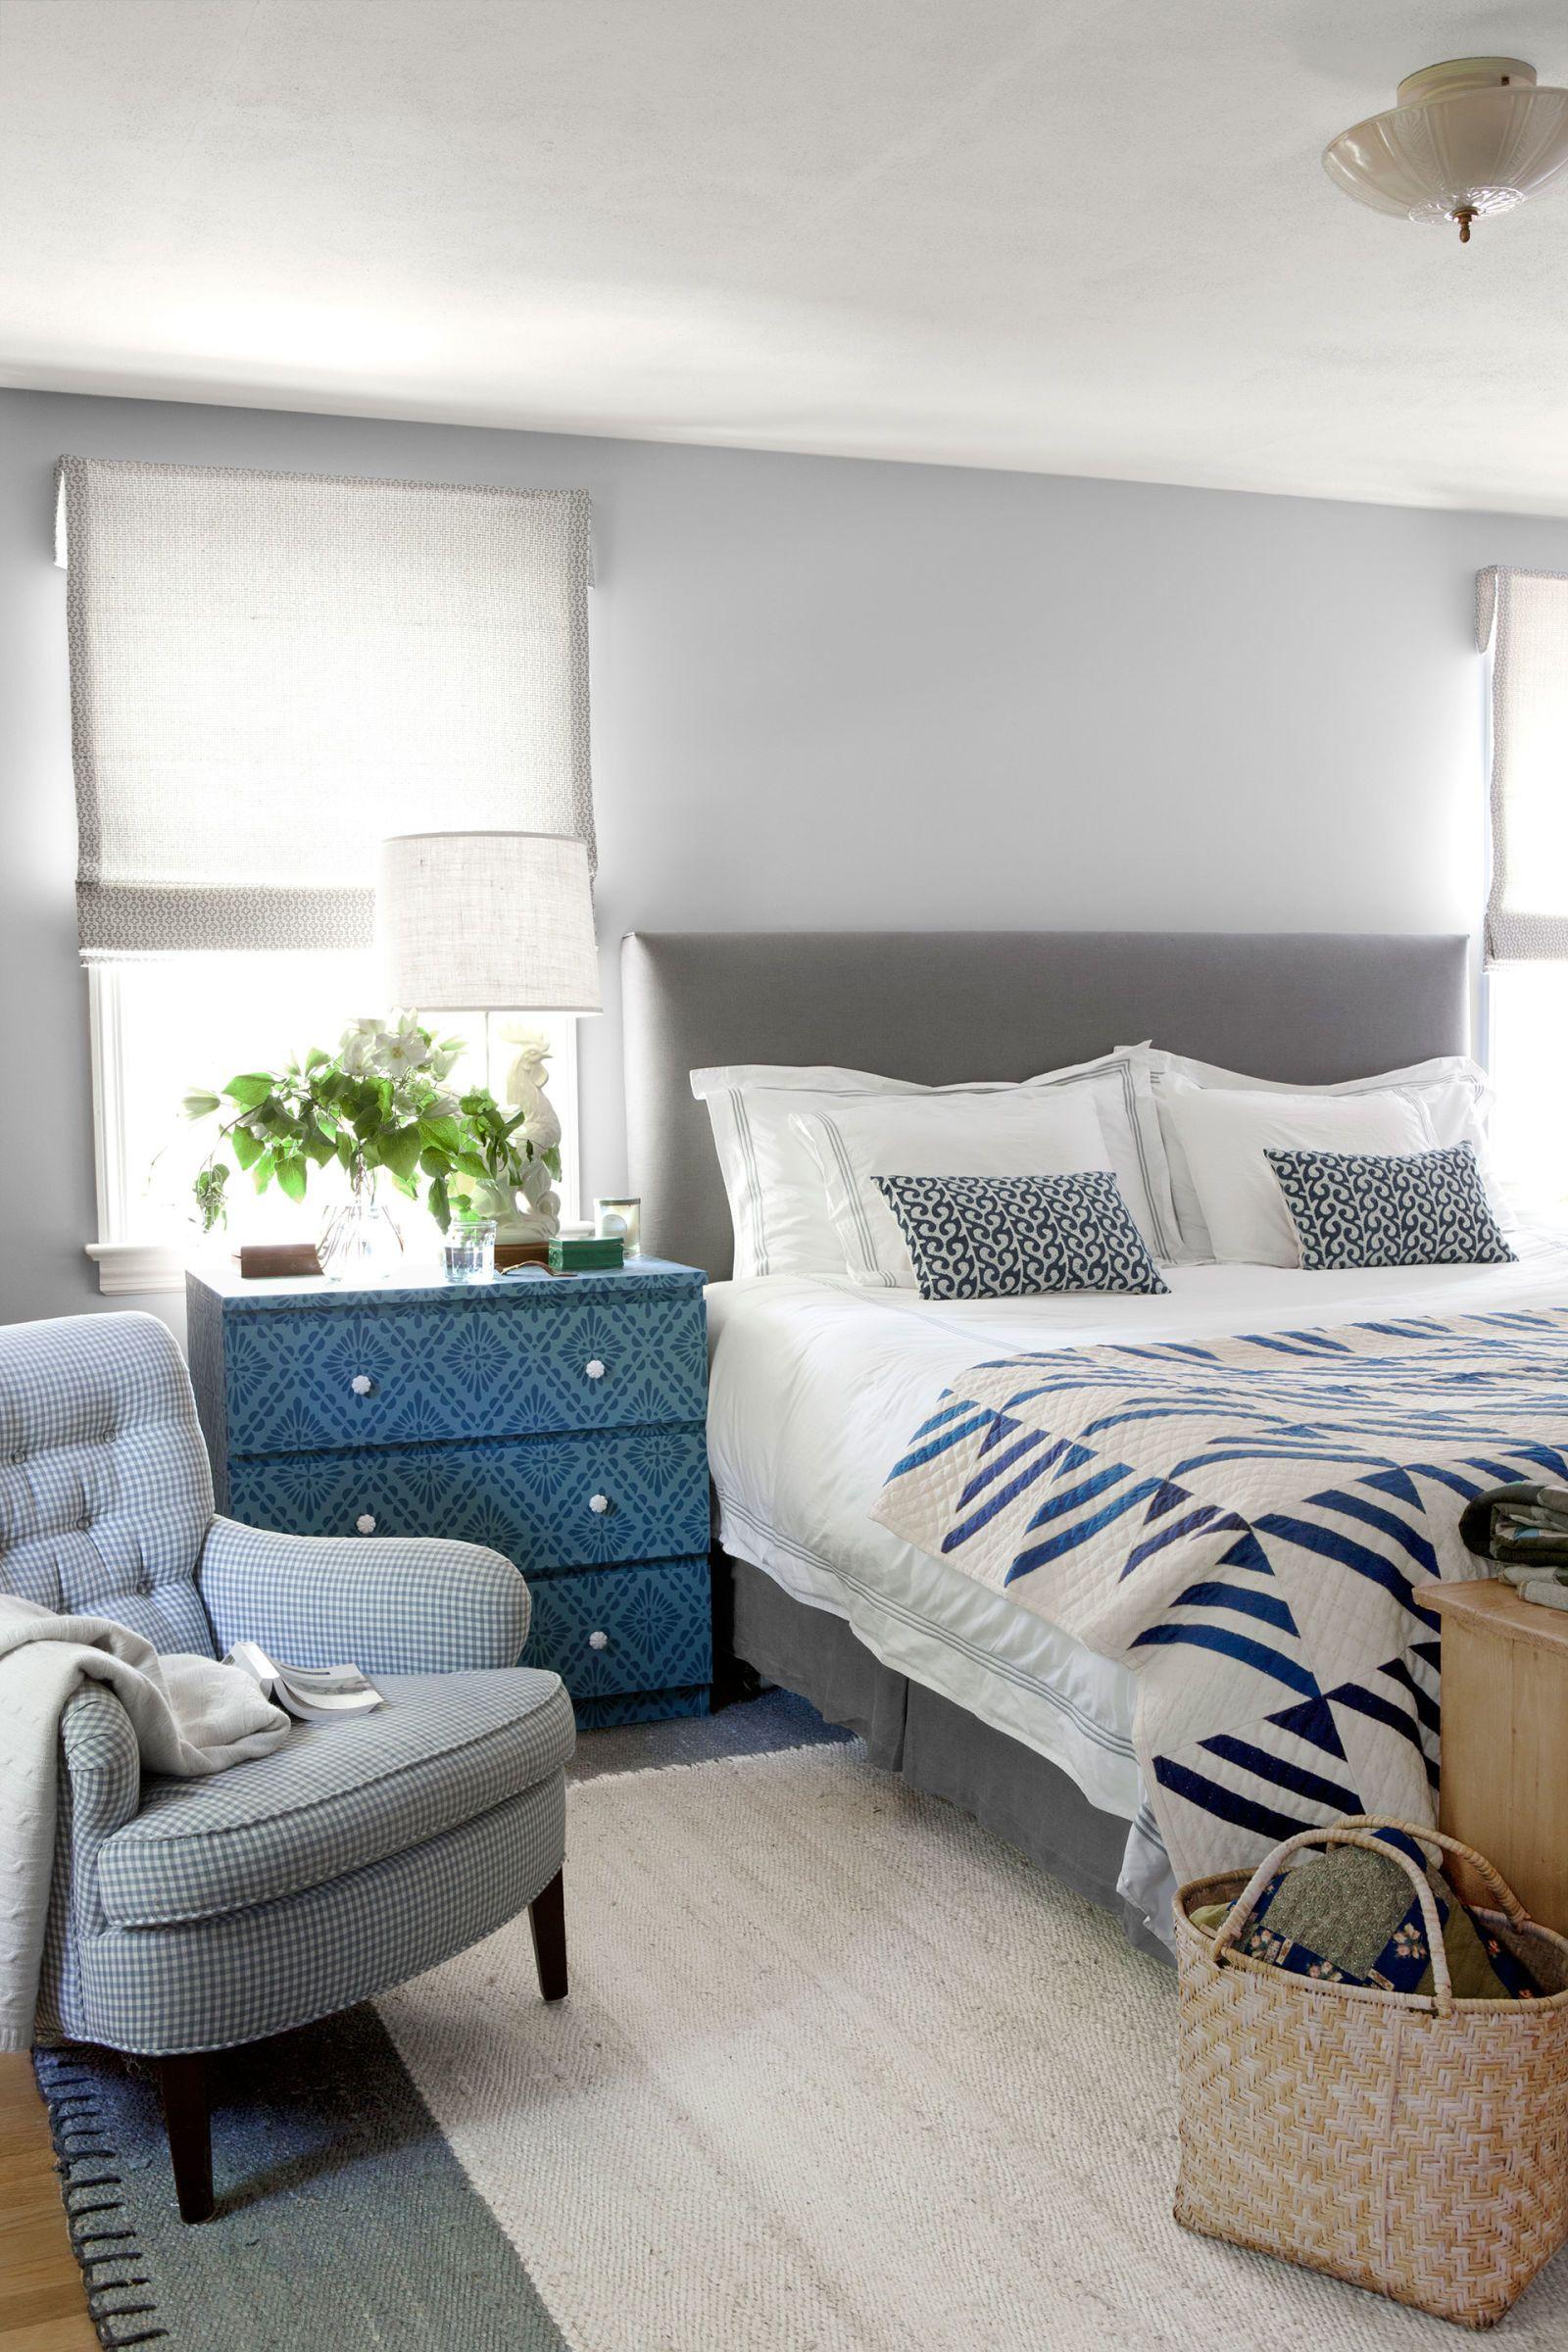 Schlafzimmer Gemütliches Schlafzimmer Zimmer ideen Blau Schubladen Preußischblau Nachttische Nachttisch Blue Bedroom Bedroom Decor